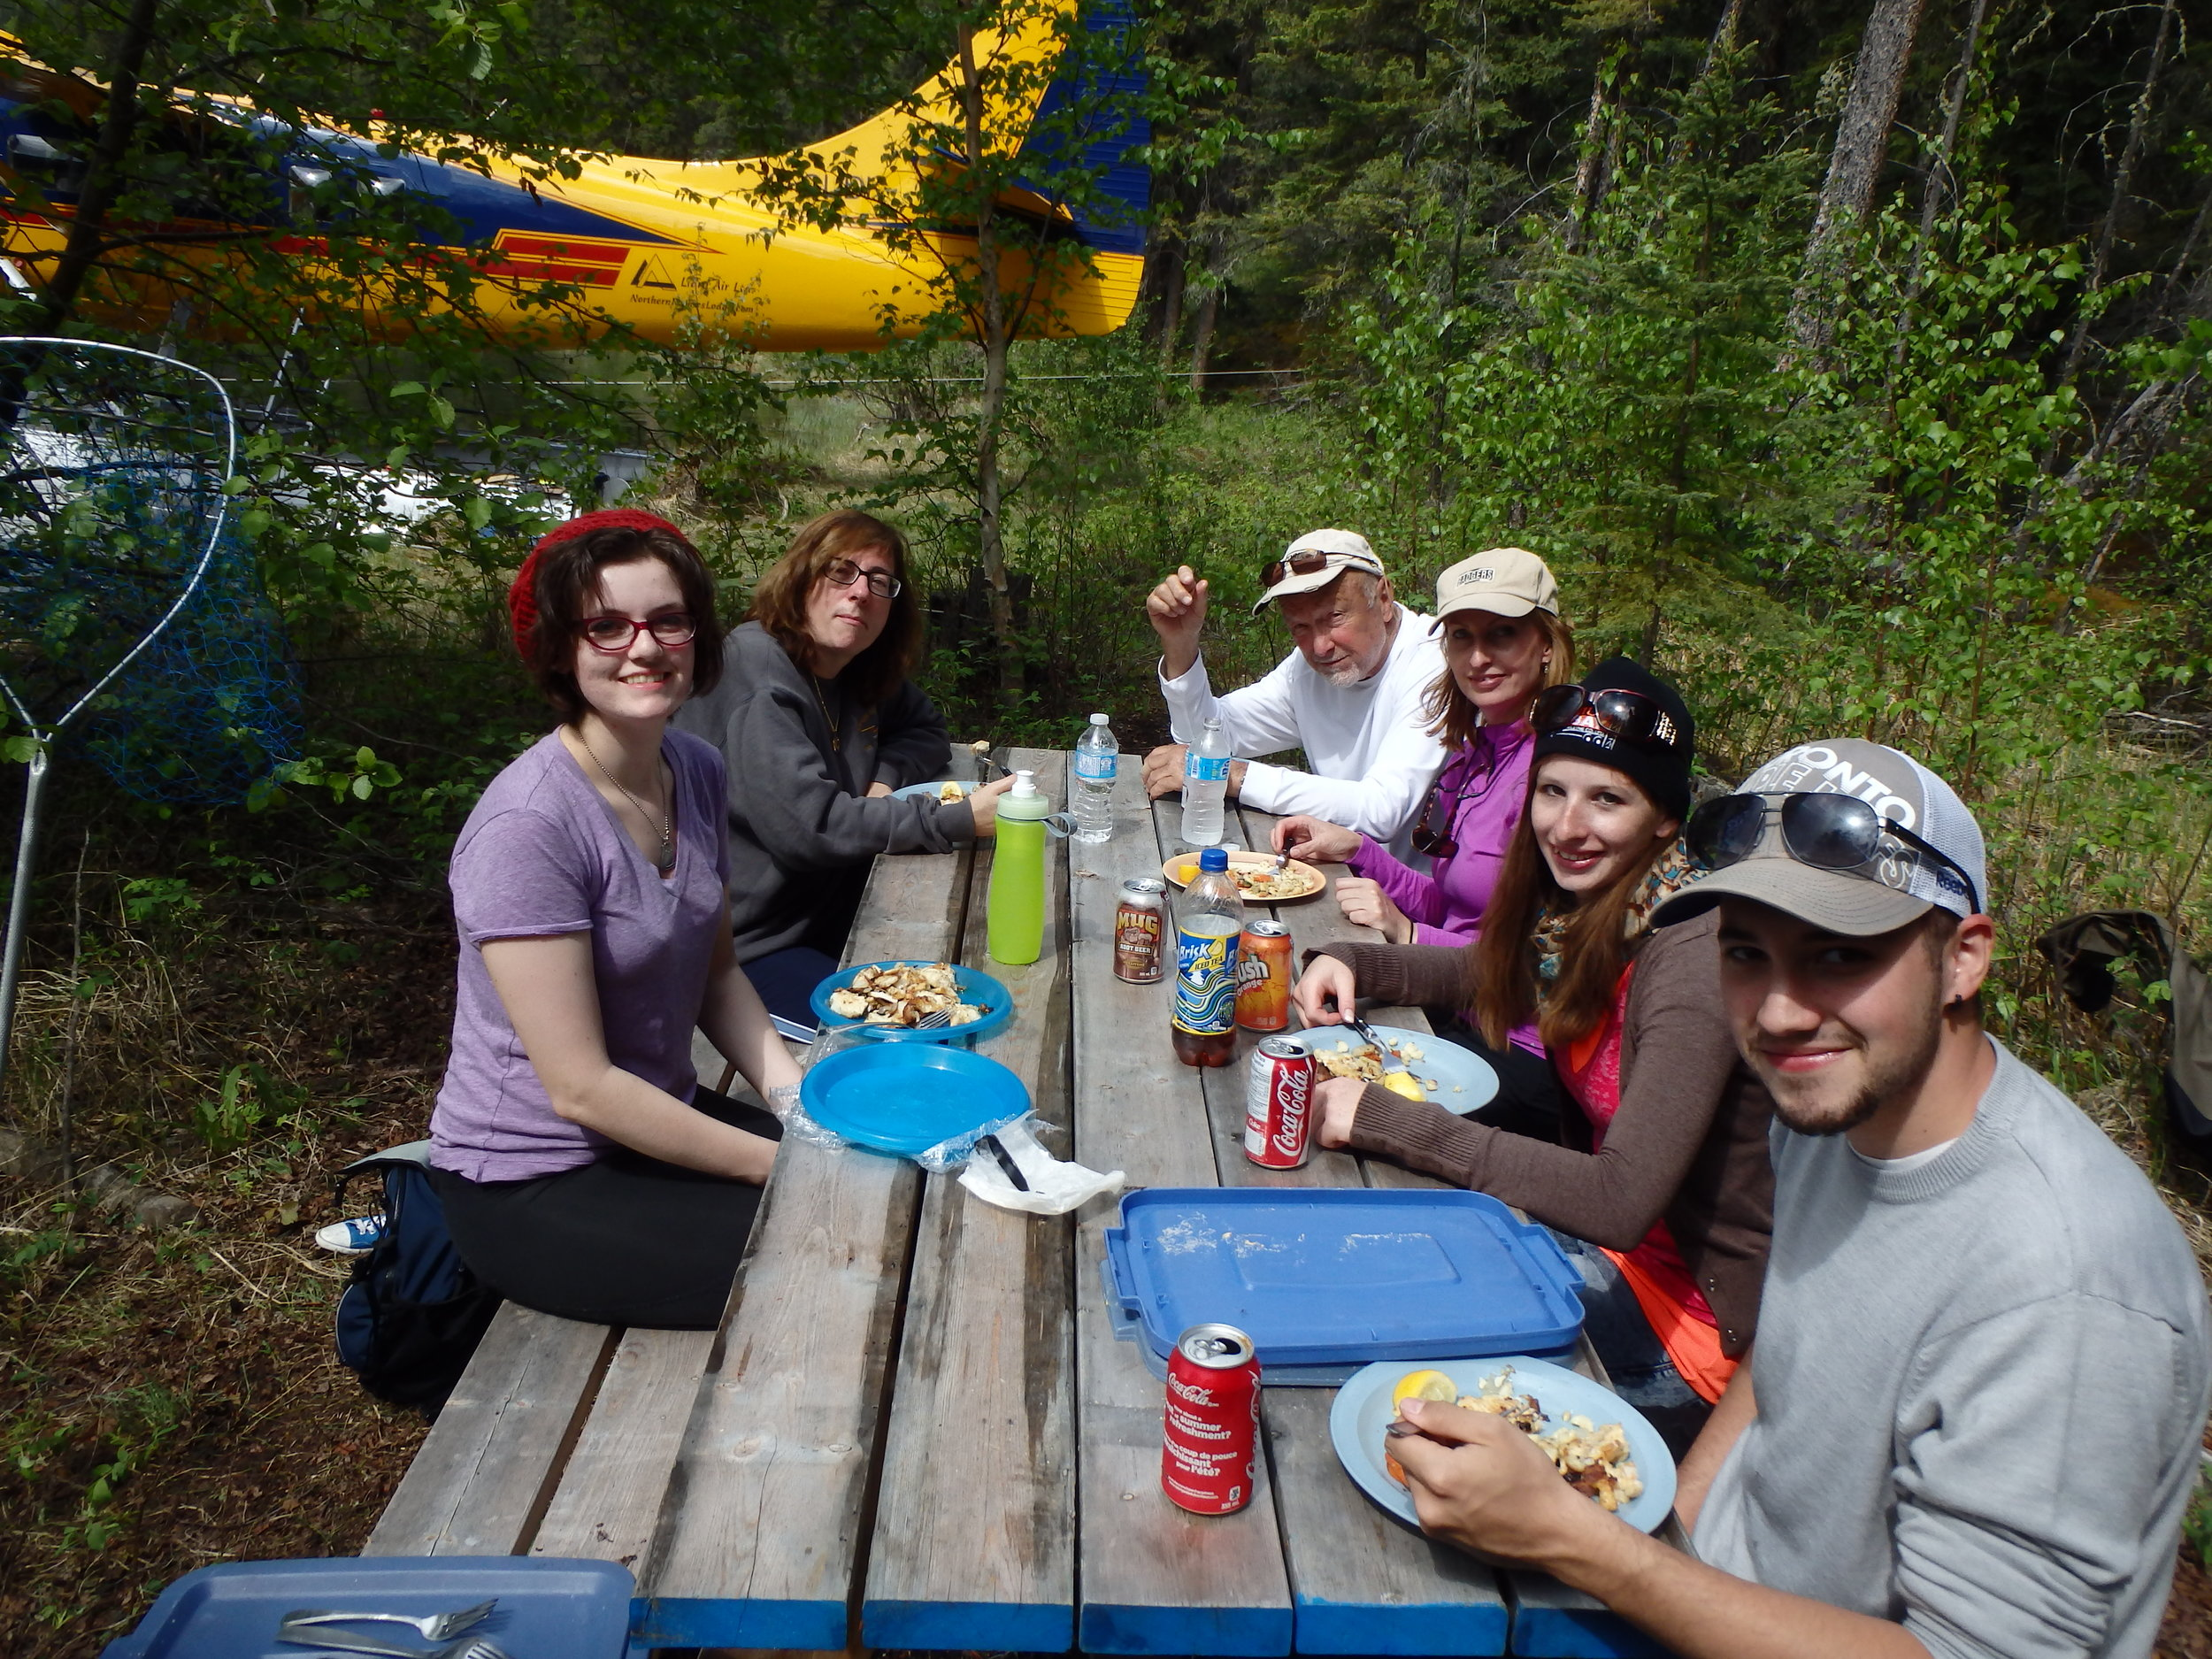 Enjoying shore lunch